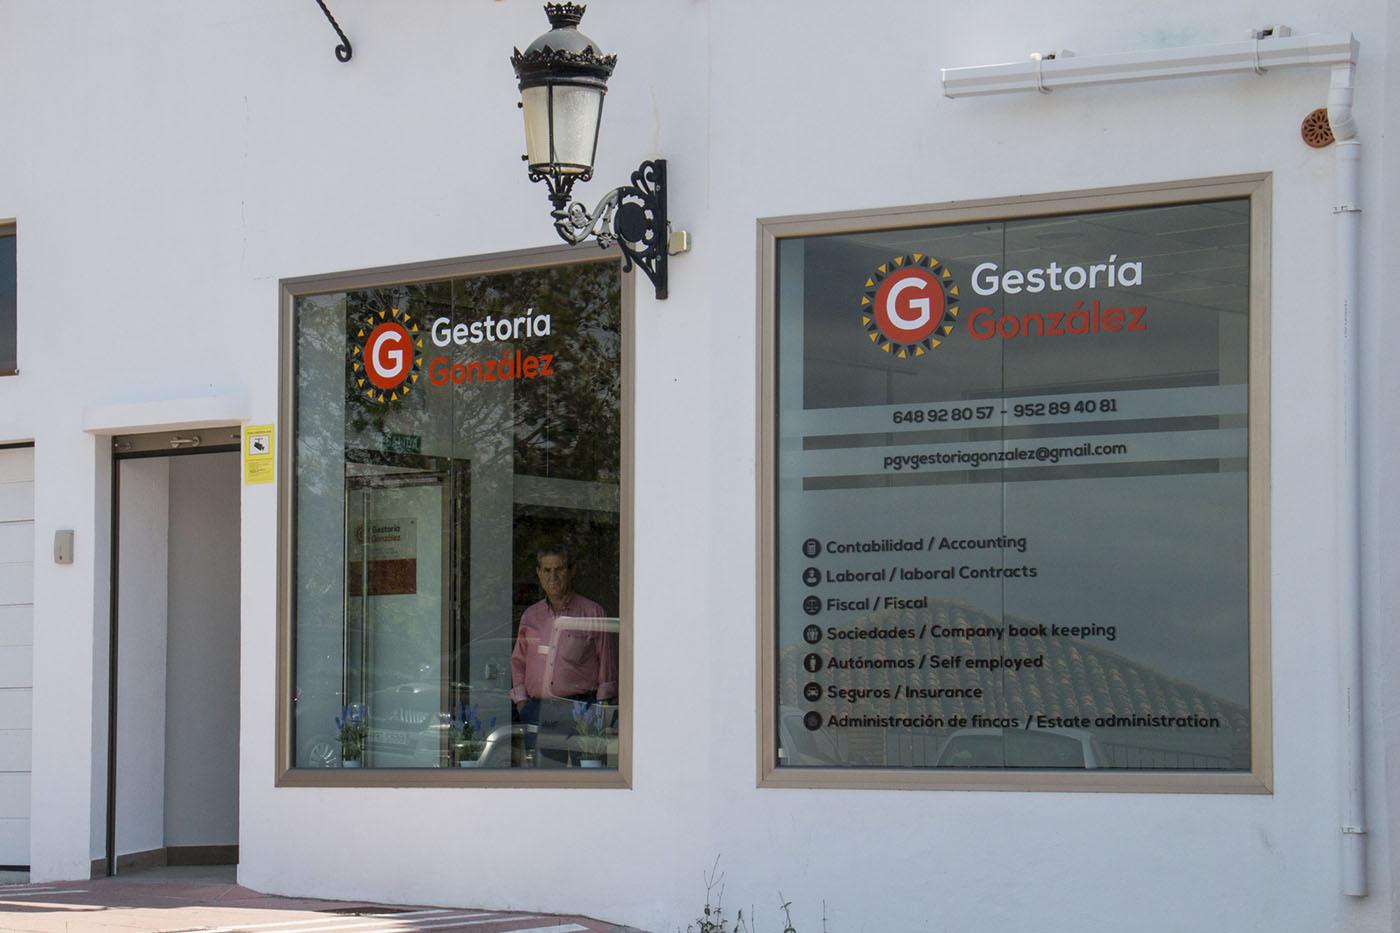 Gestoría González (Casares)